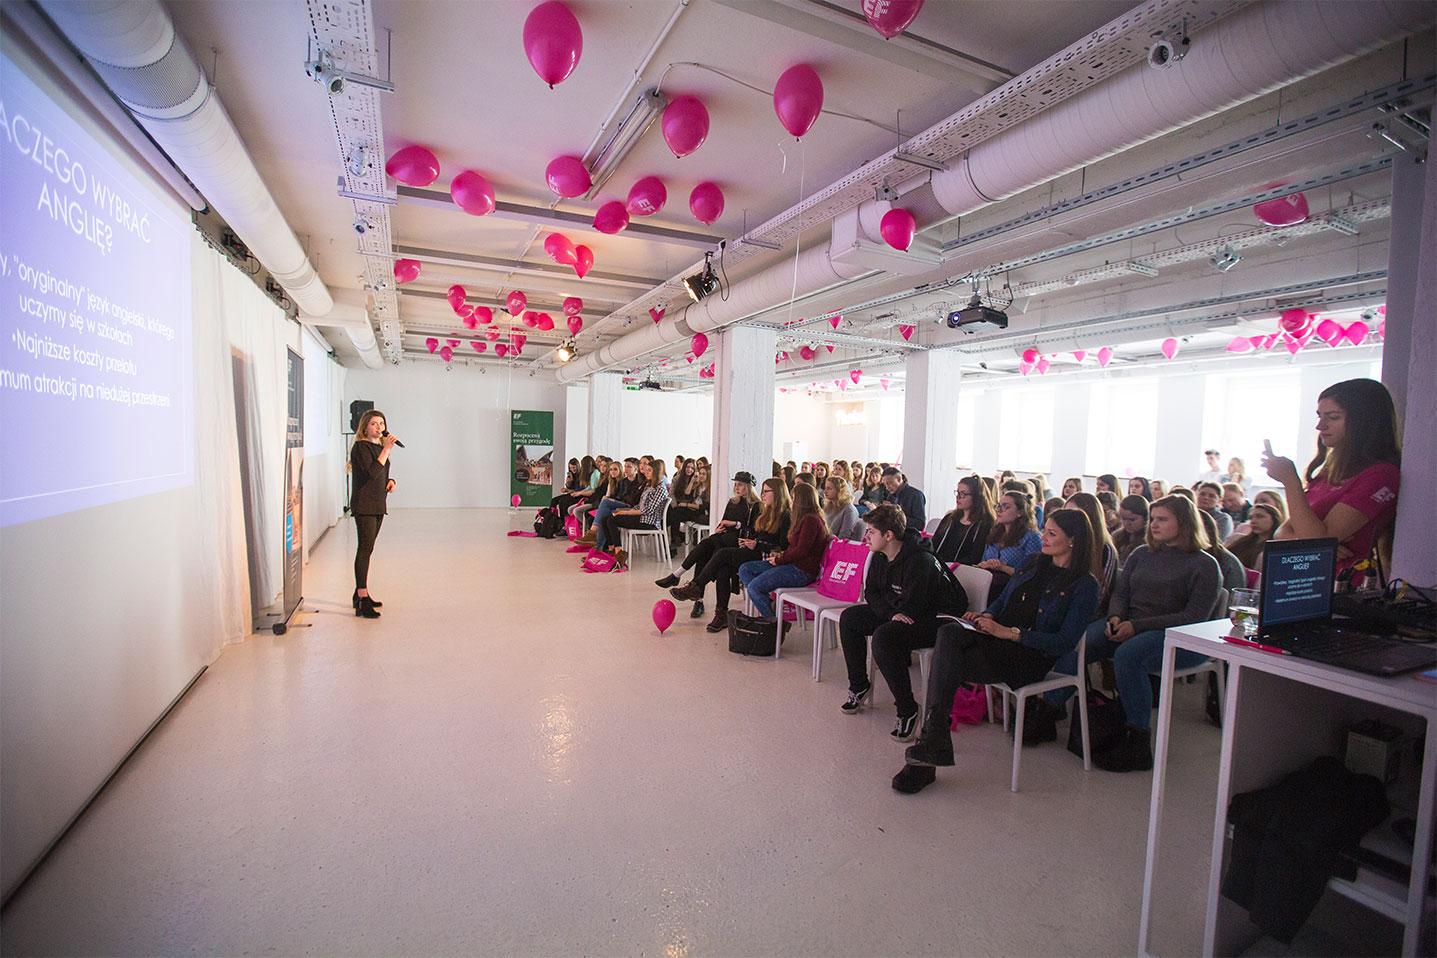 Przedstawicielka firmy wygłaszająca prezentację dla uczestników eventu wzmacniającego kreowanie wizerunku marki